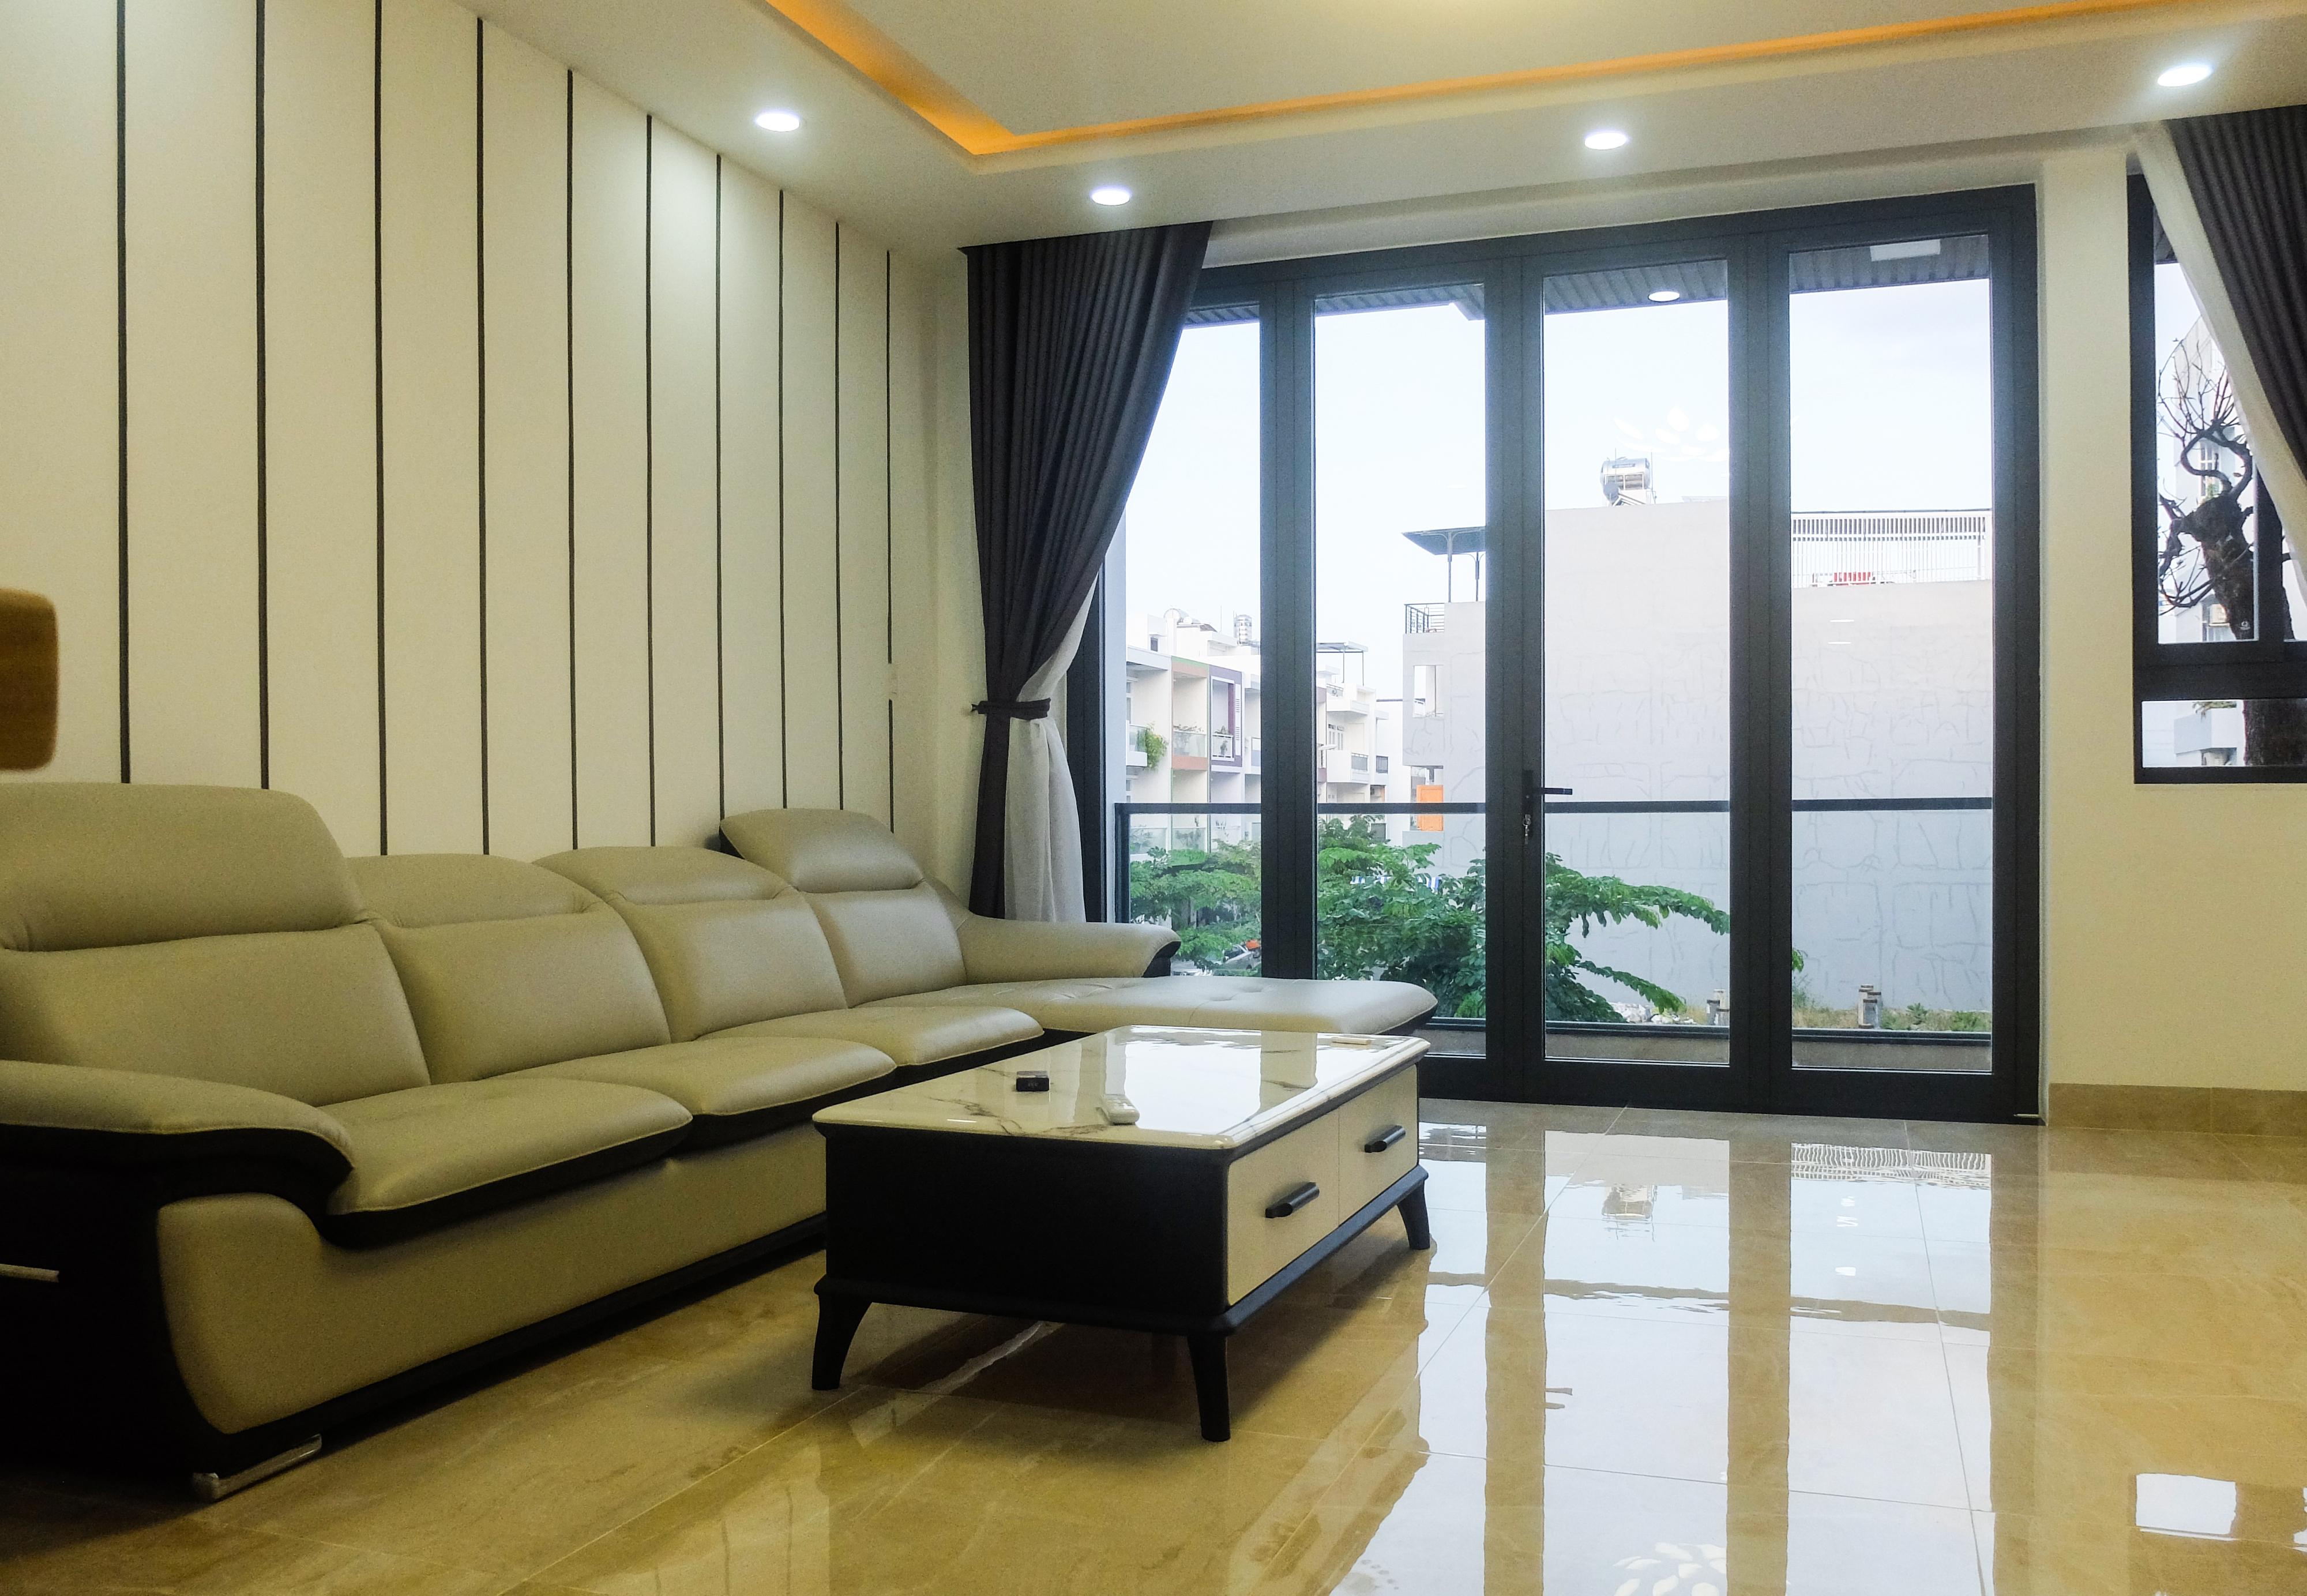 Thiết kế Nhà Mặt Phố tại Khánh Hòa SMALL HOUSE 1580877056 10